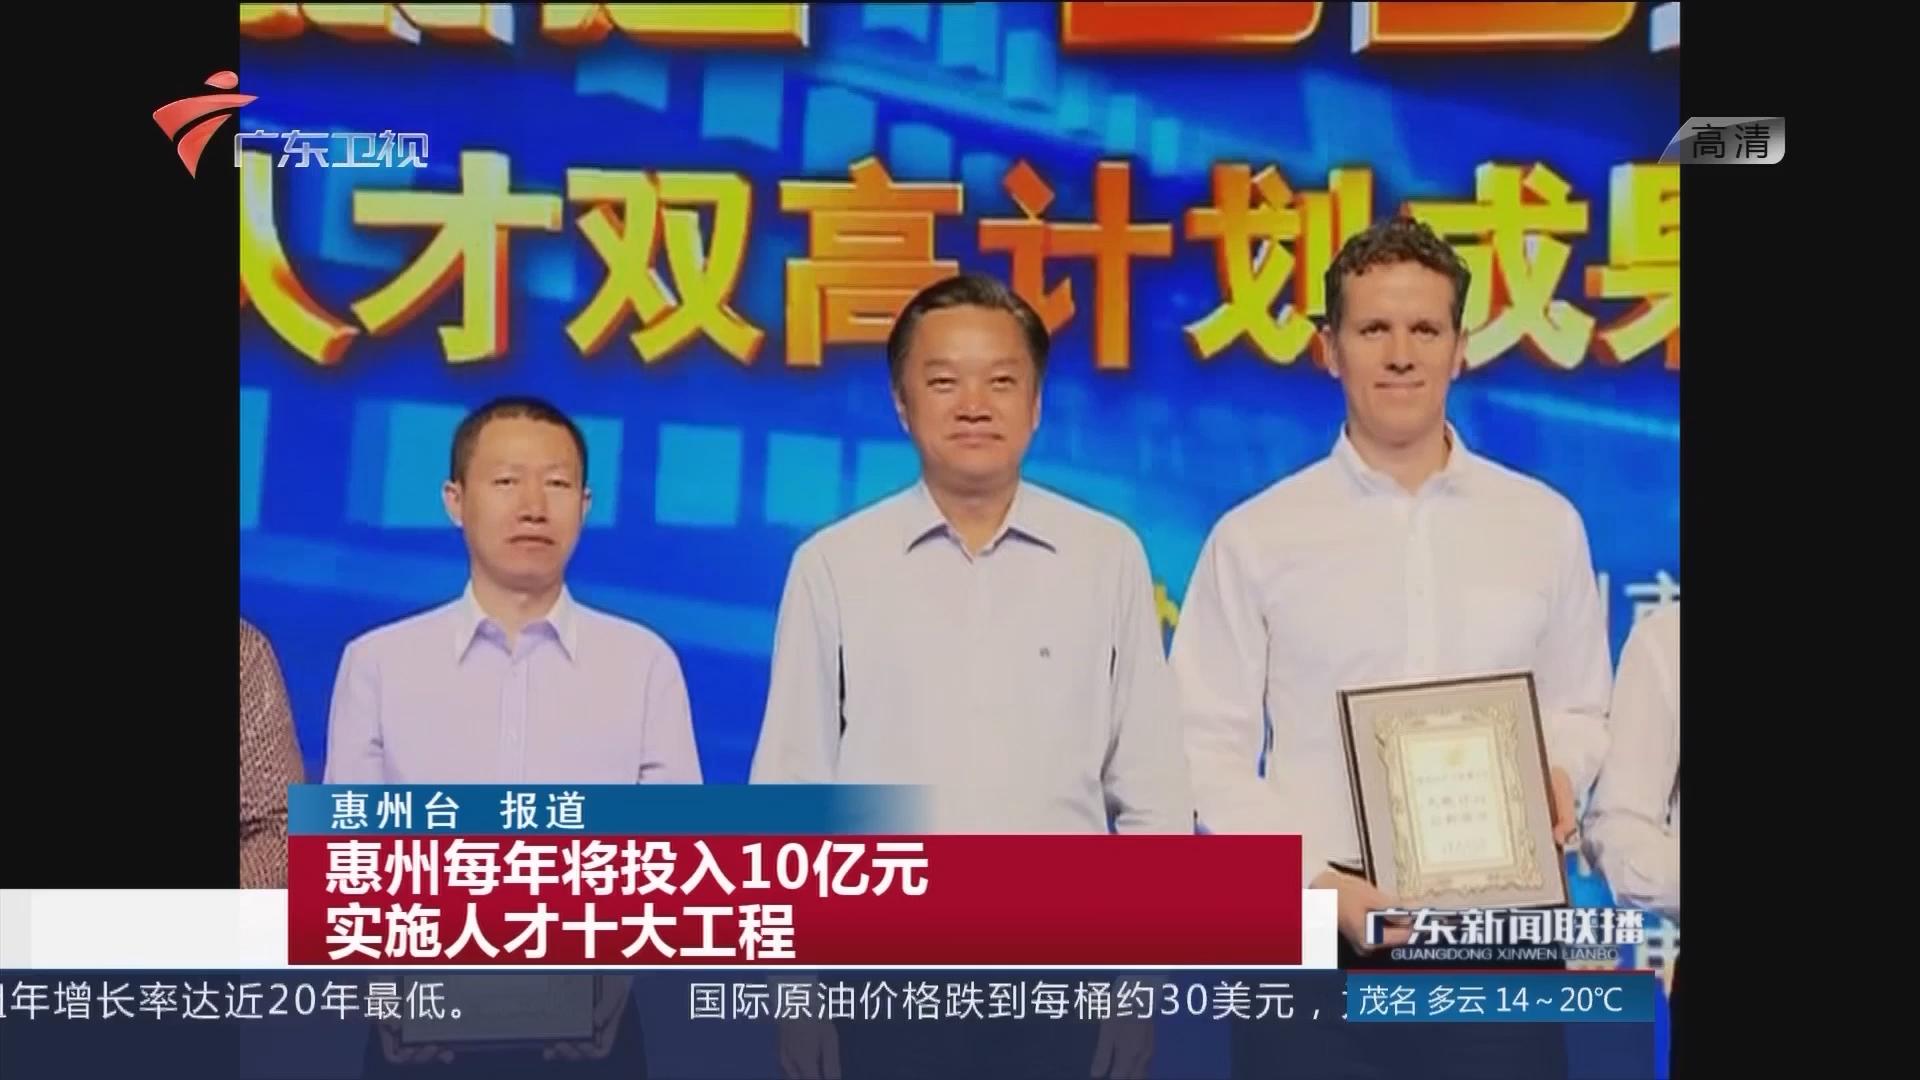 惠州每年将投入10亿元实施人才十大工程